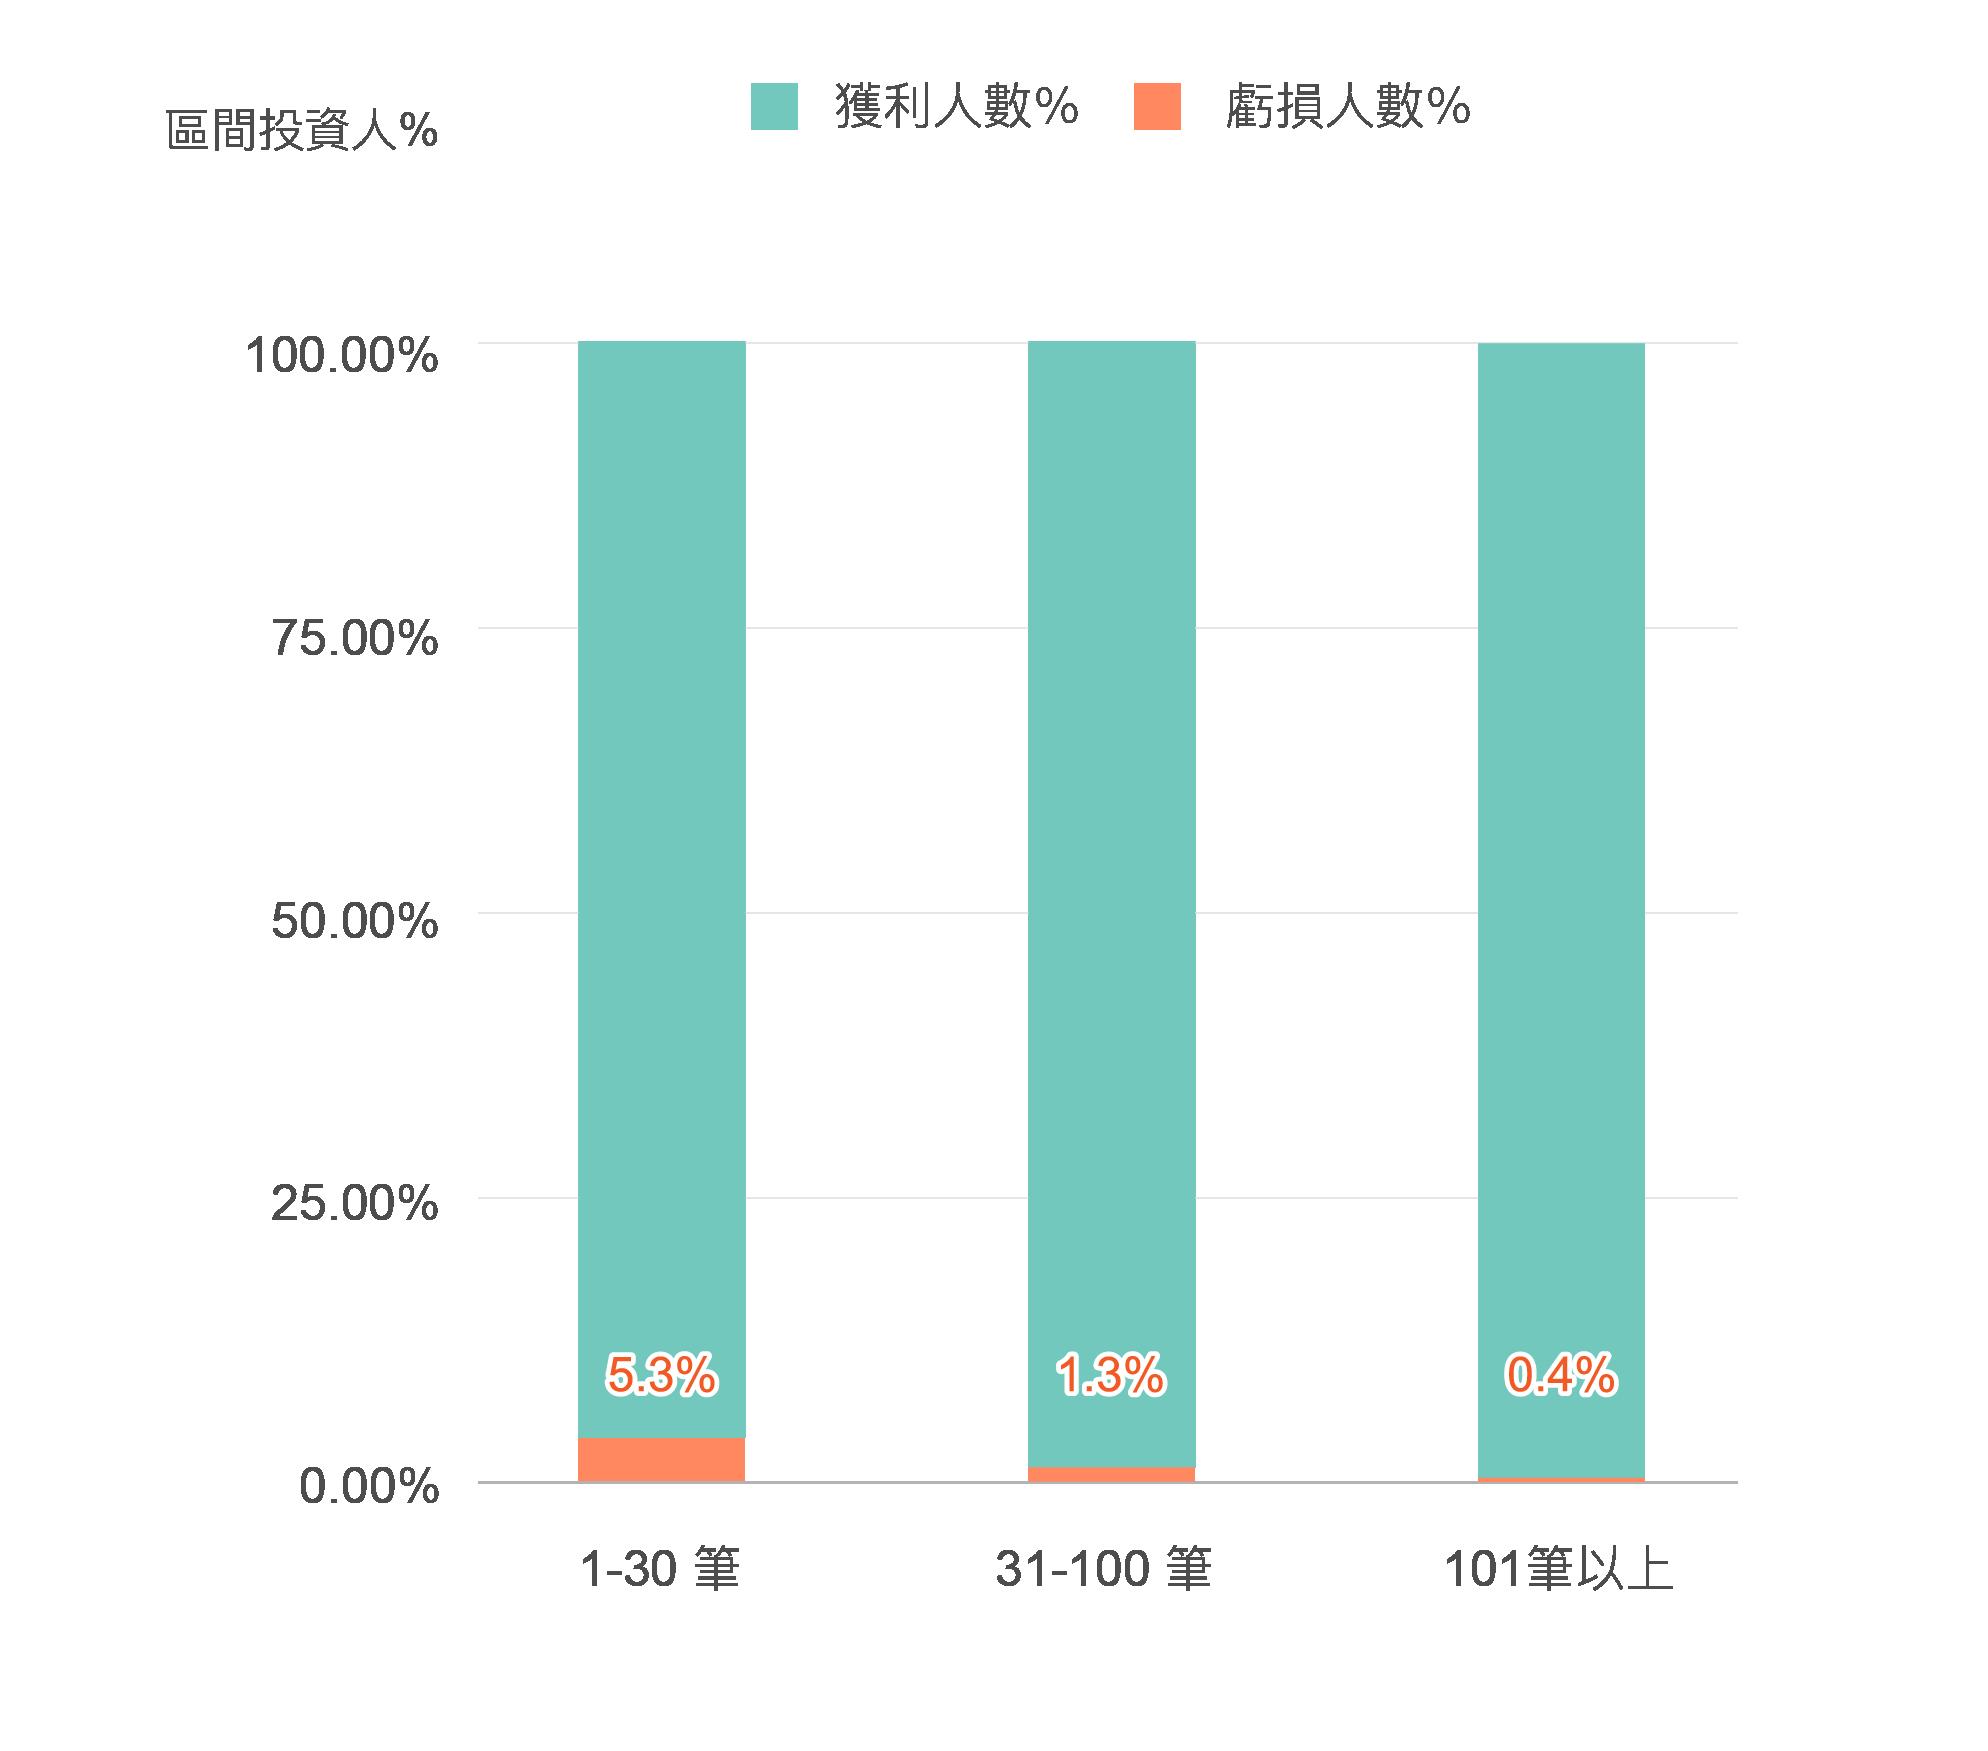 在LnB信用市集投資筆數超過100筆時,發生風險的比例明顯下降